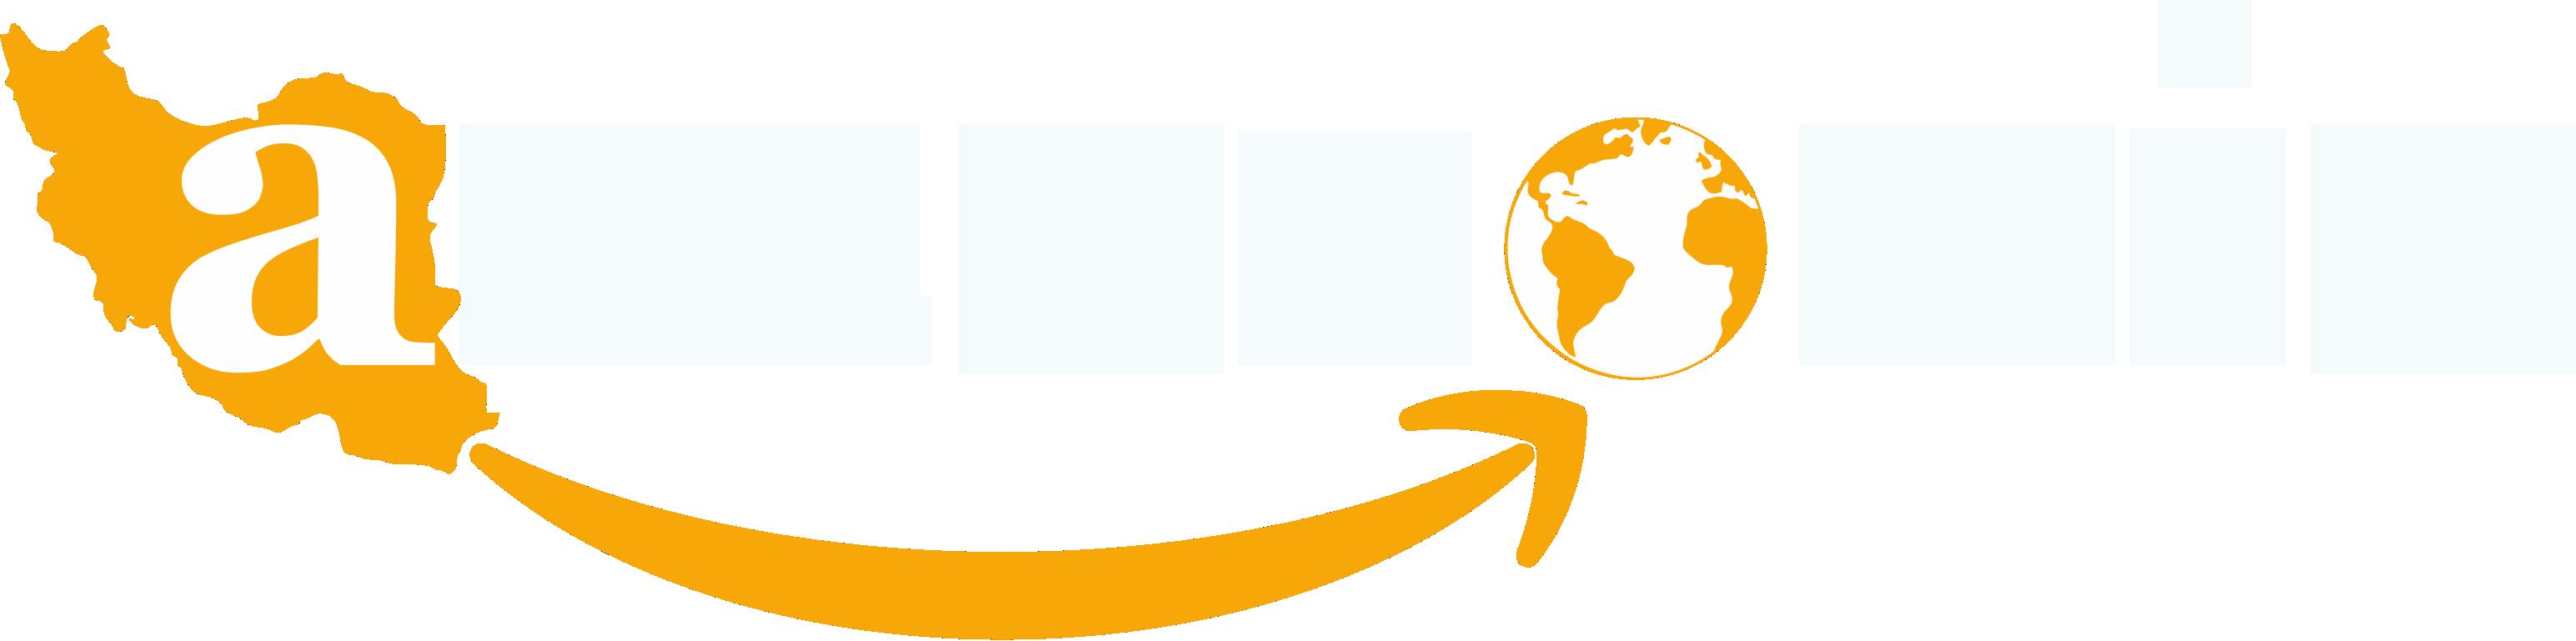 آمازونیا